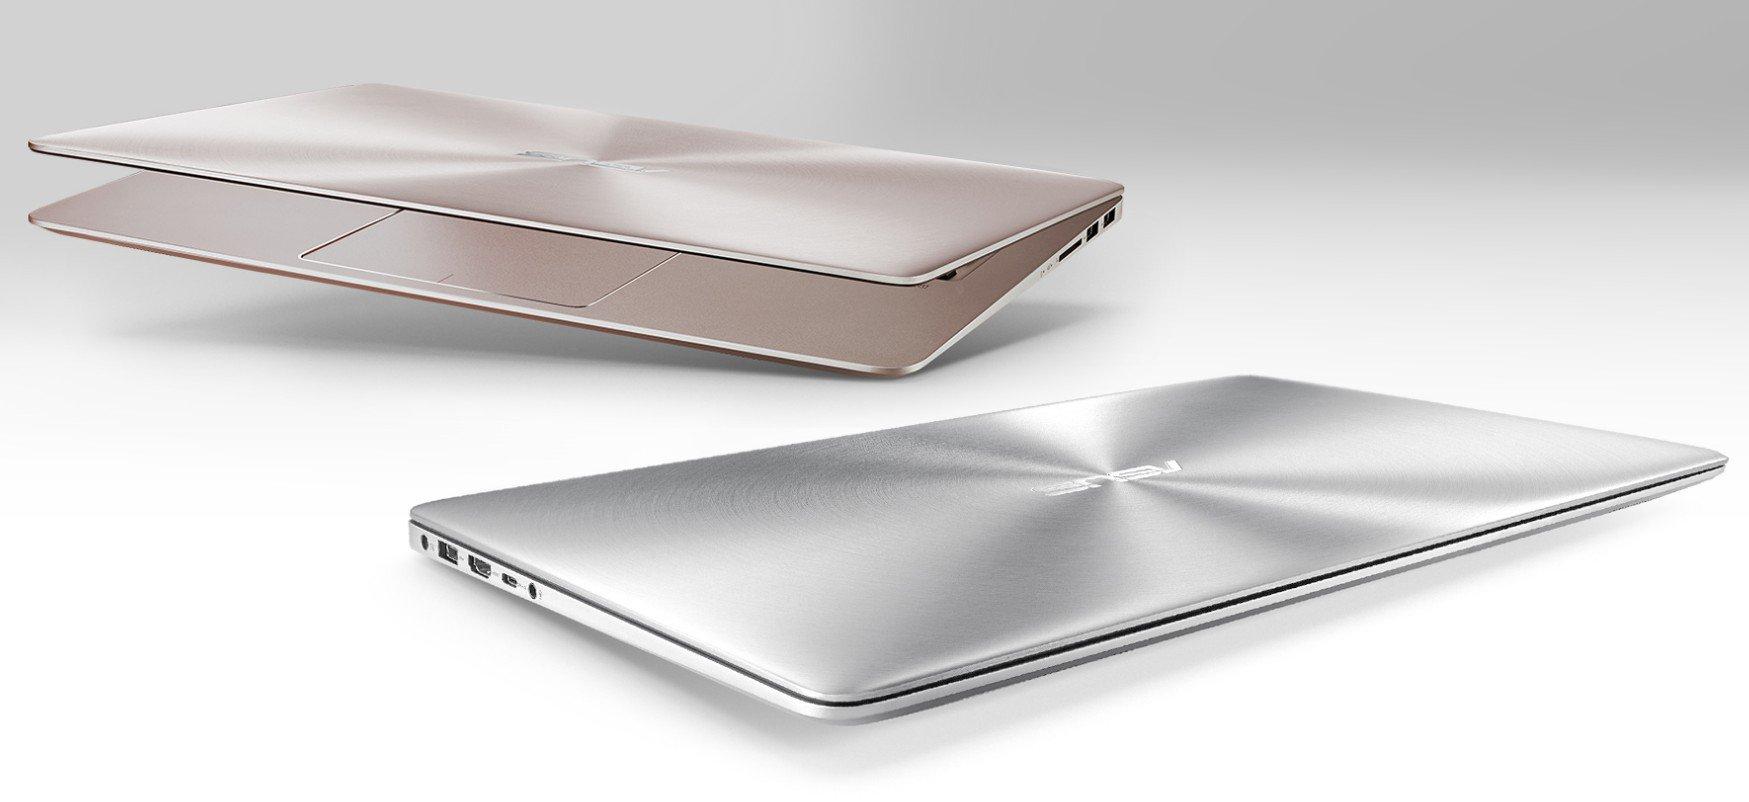 Легкие и тонкие лучшие ноутбуки для тех, кто постоянно в пути - тонкие ультрабуки